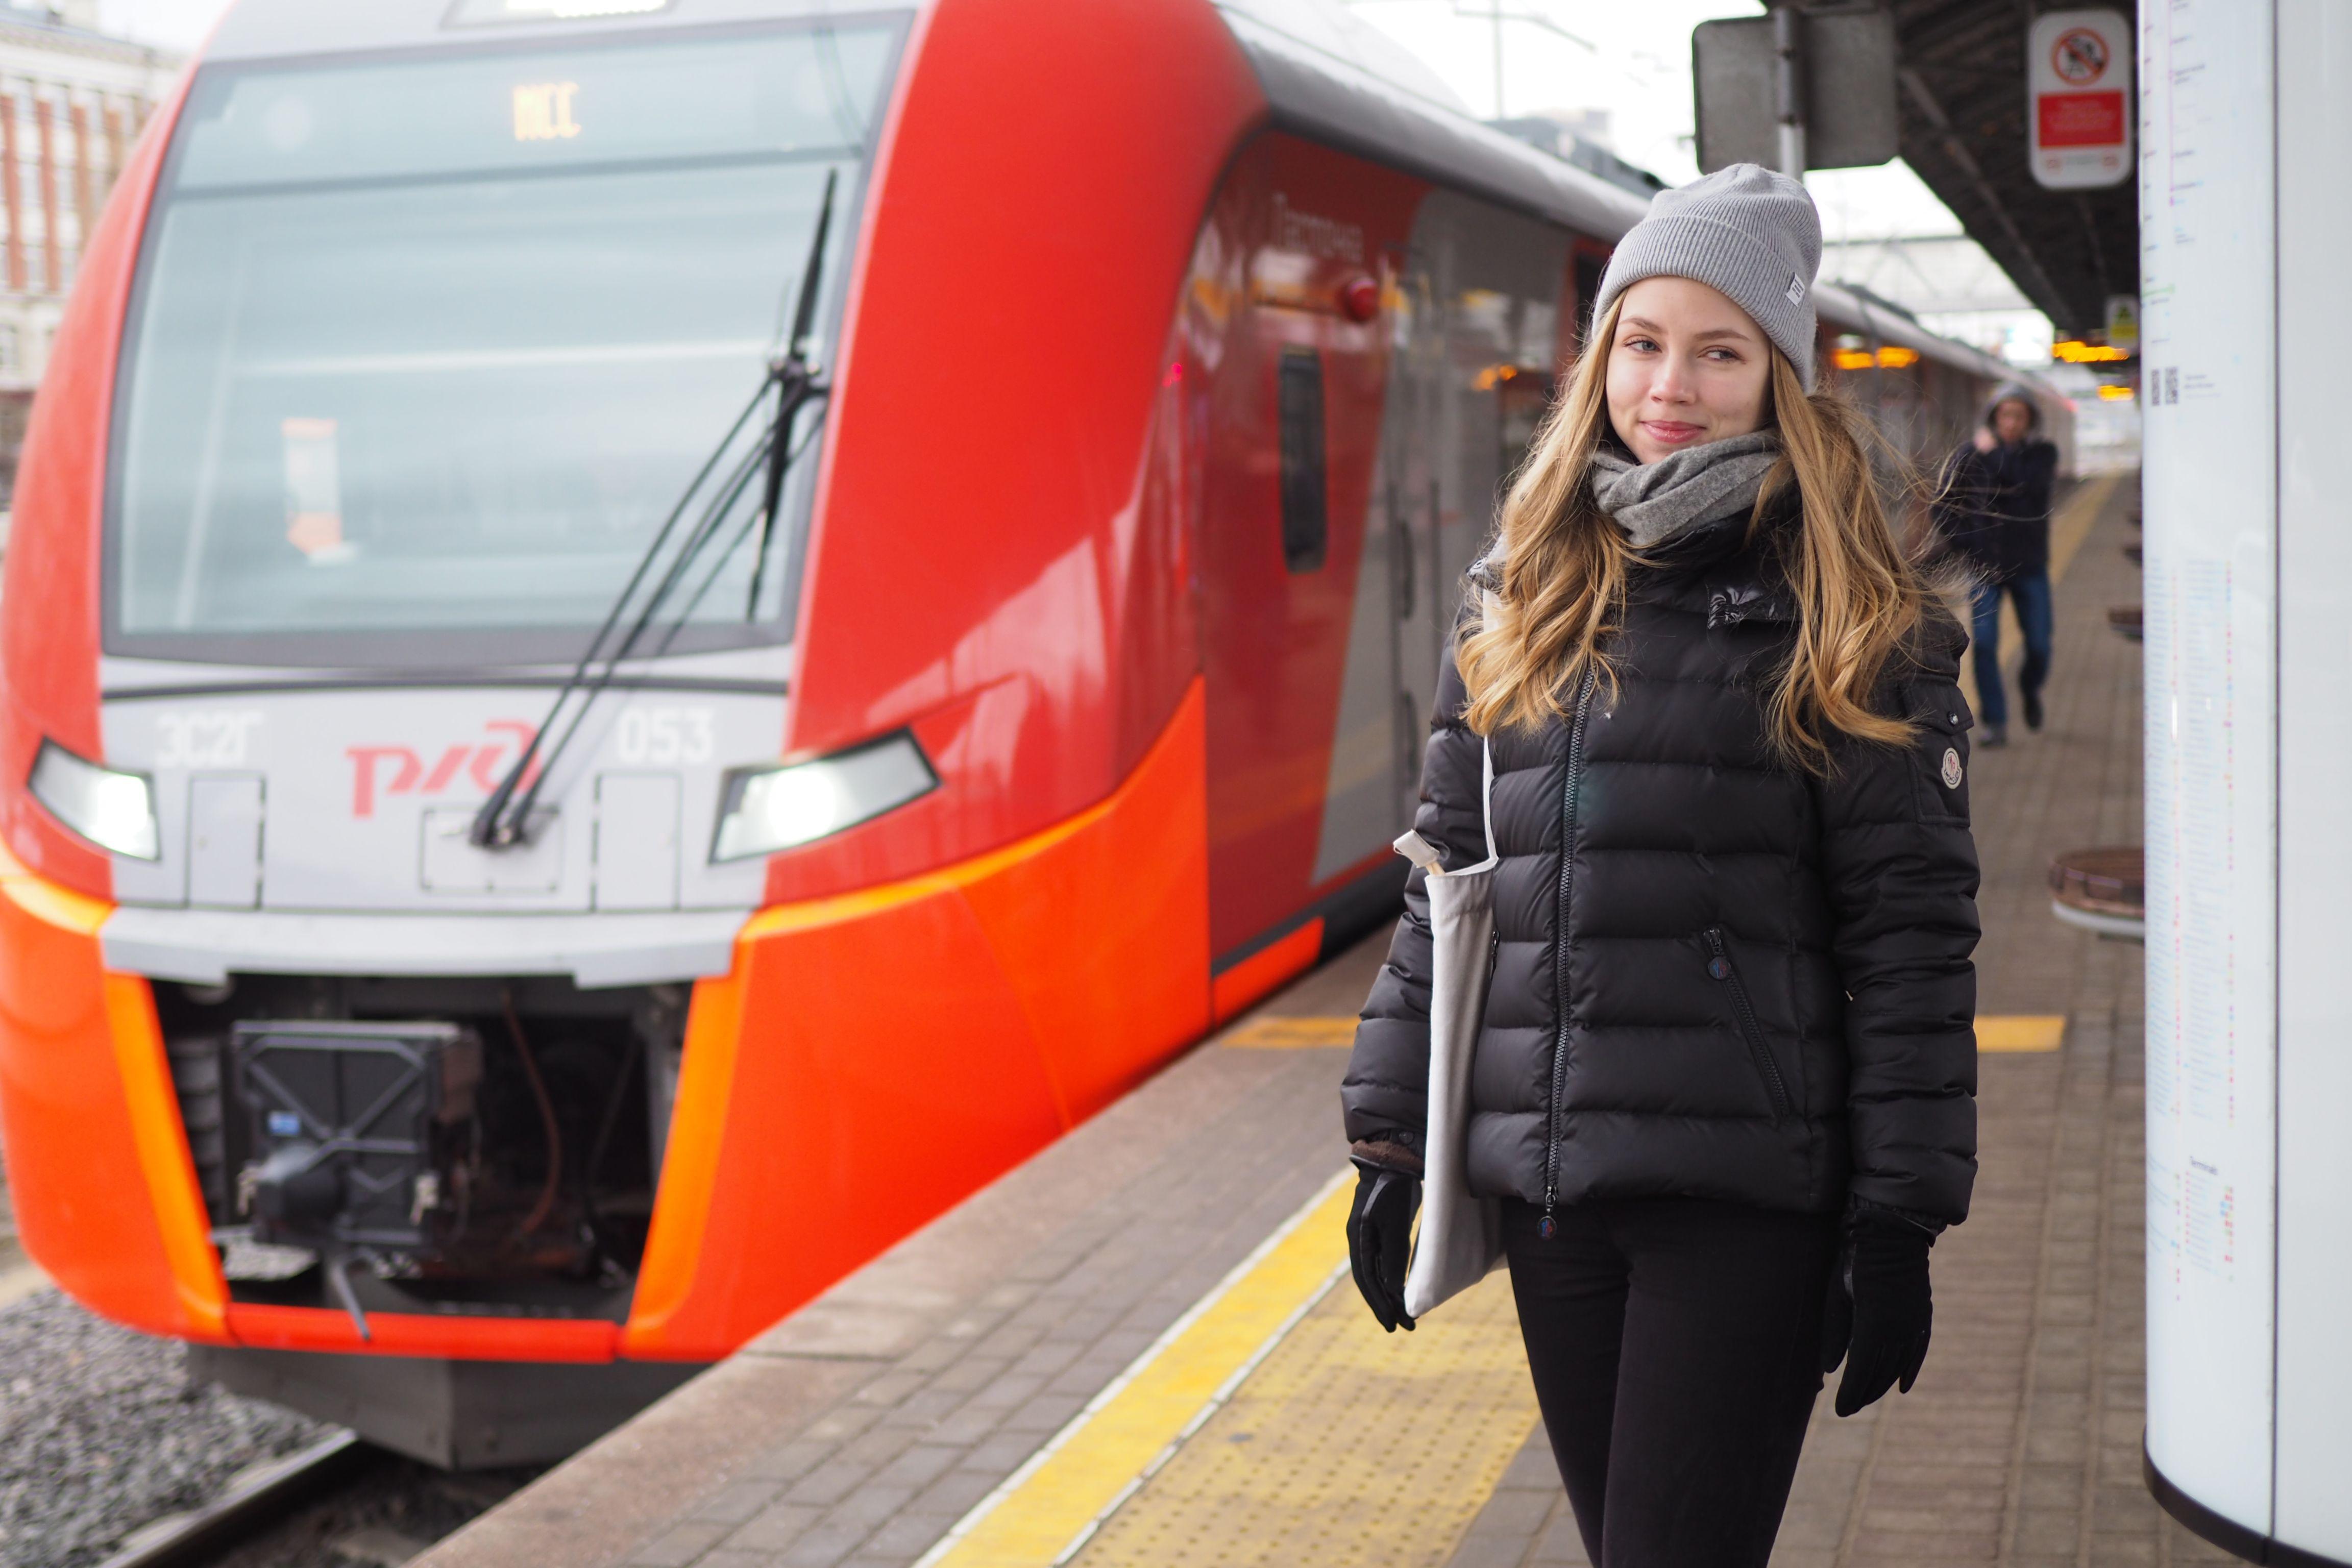 Пассажиропоток МЦК превысил 620 тысяч человек в мартовские праздники